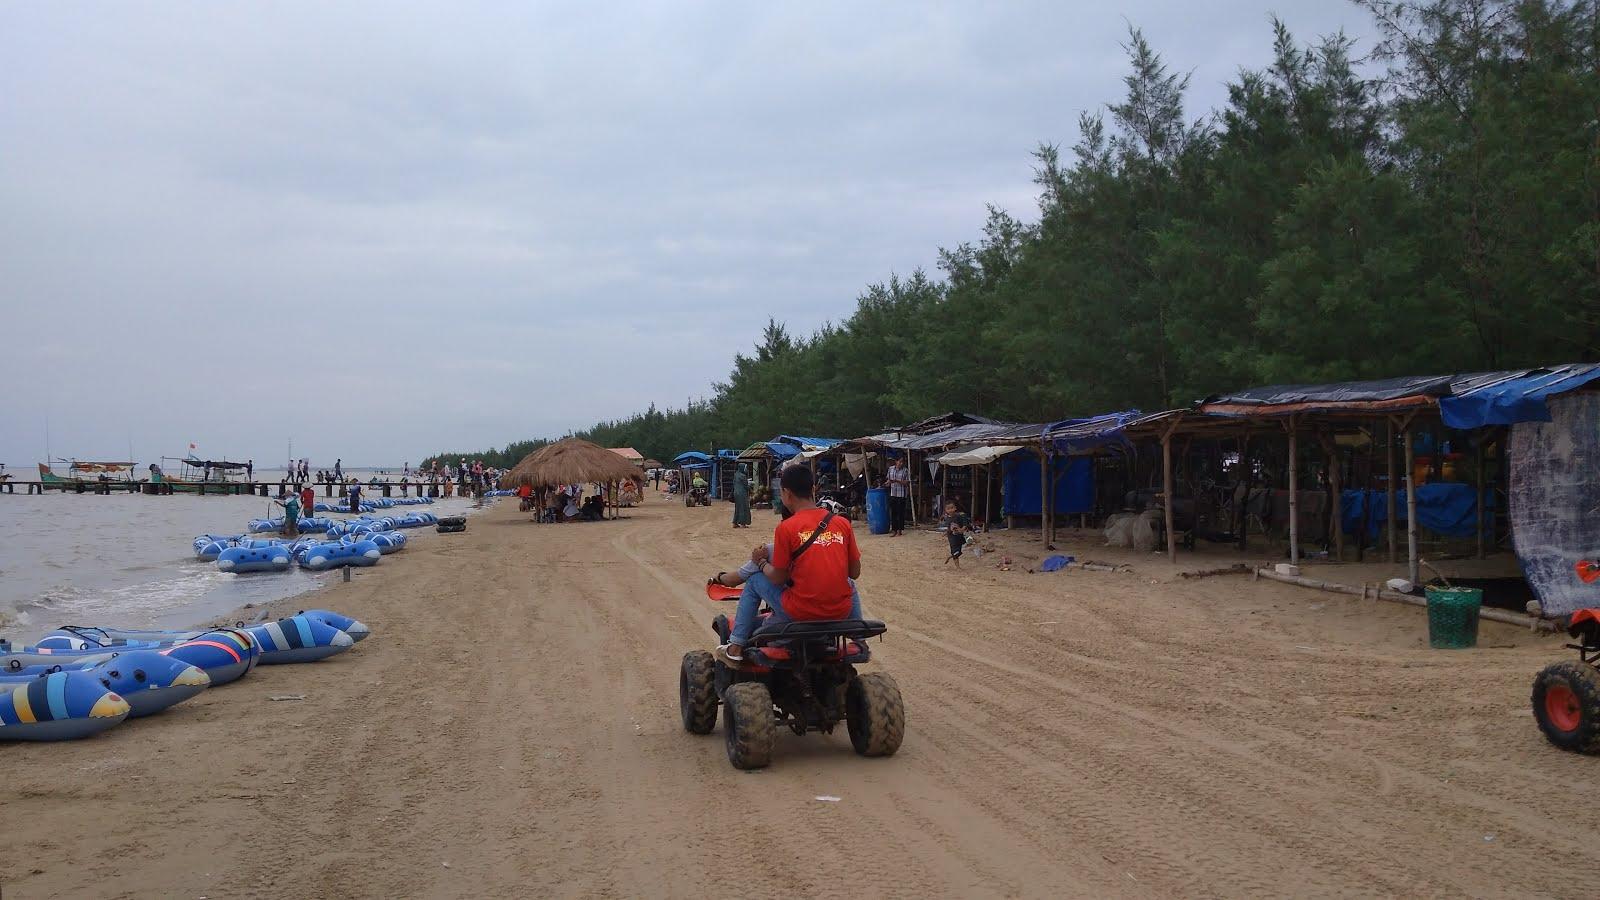 Pantai Karang Jahe Rembang Prakarsa Berbagai Fasilitas Wahana Permainan Disediakan